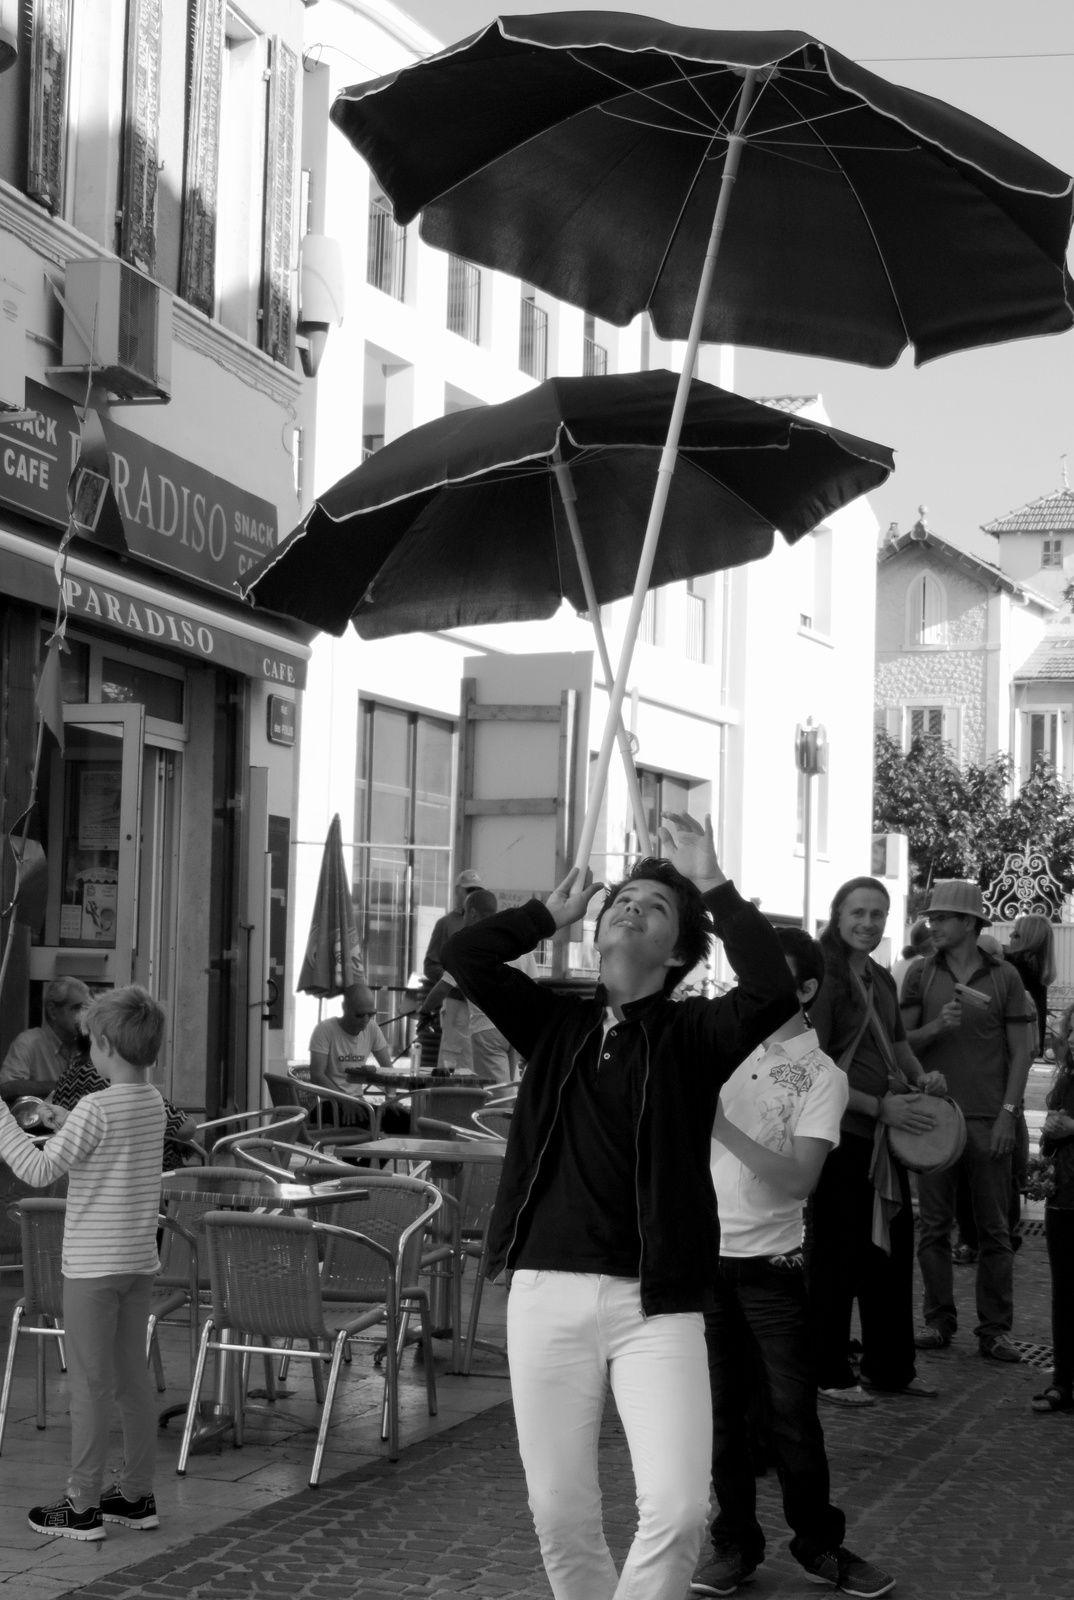 Mayan et Jérémie dans leur numéro fameux de parasols tournoyants.